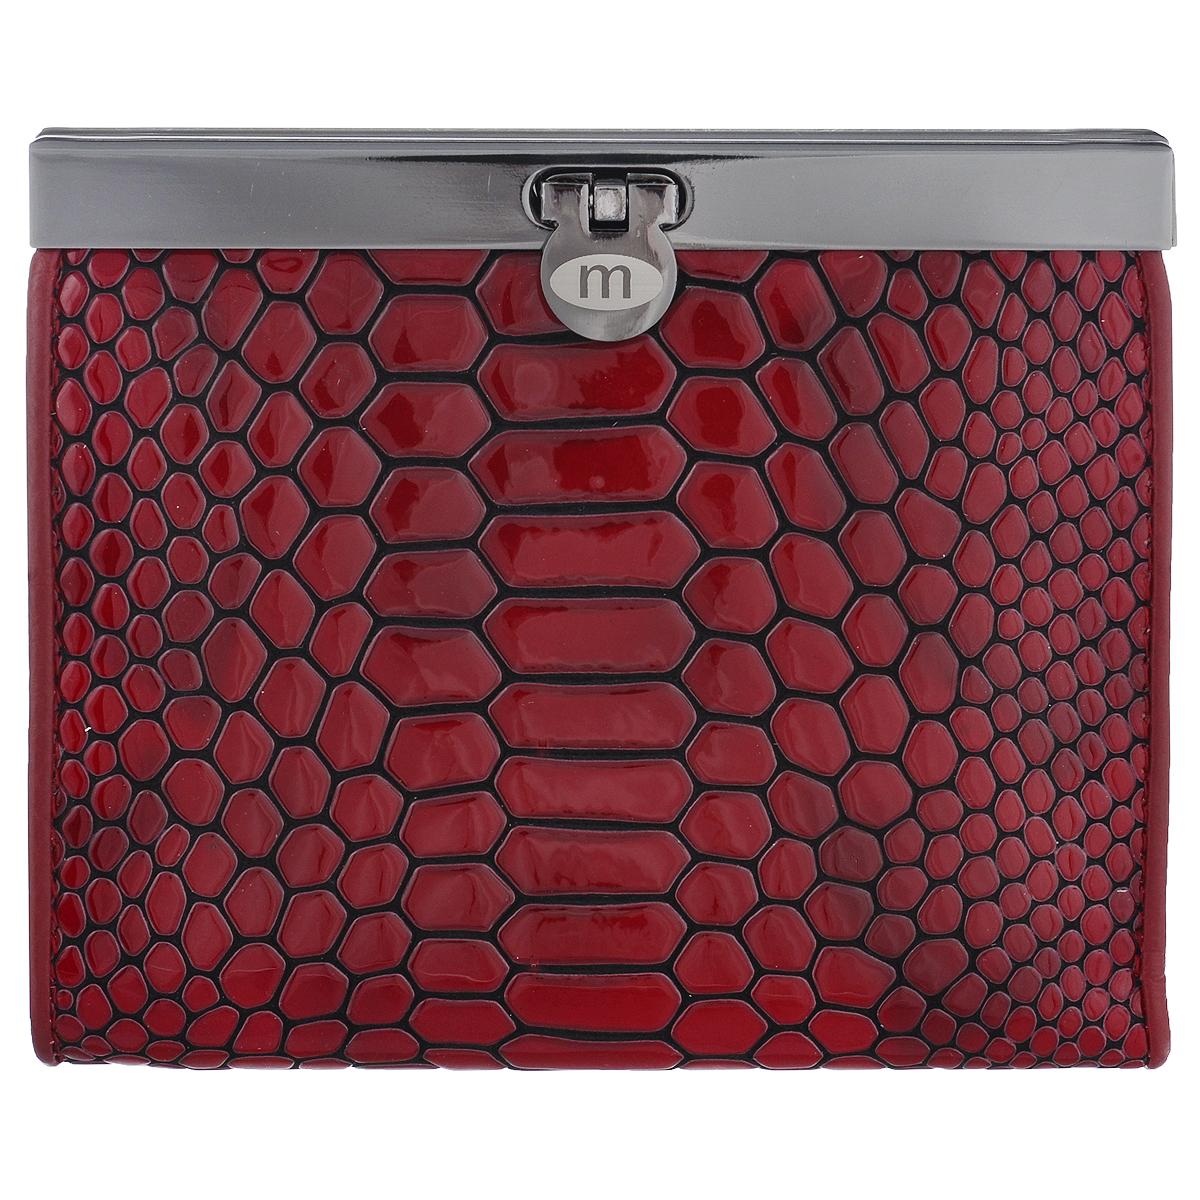 Кошелек женский Malgrado, цвет: красный. 44009-40302W16-11132_329Стильный кошелек Malgrado изготовлен из натуральной высококачественной кожи с декоративным тиснением под рептилию.Изделие закрывается на замок-защелку. Внутри расположены два отделения для купюр, карман для различных документов и бумаг на застежке-молнии, потайной карман, три прорезных кармашка для визиток и пластиковых карт, карман для мелочи на застежке-кнопке и два кармана с прозрачным окошком из мягкого пластика.Кошелек упакован в фирменную коробку.Такой кошелек станет замечательным подарком человеку, ценящему качественные и практичные вещи.